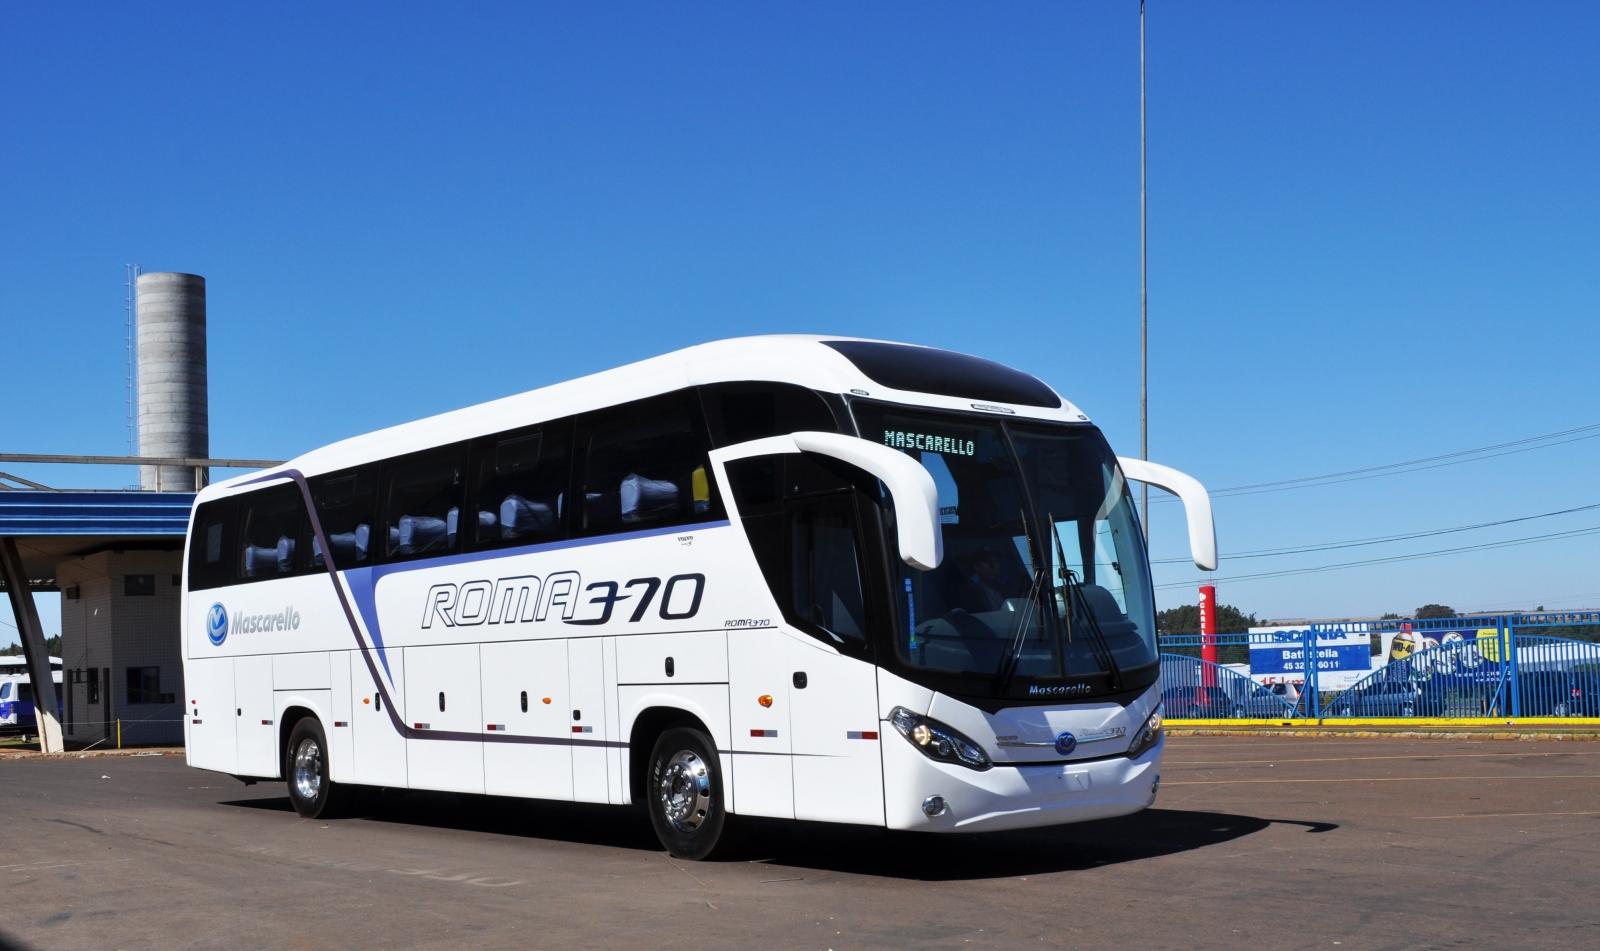 Faturamento da Marcopolo - onibus rodoviario